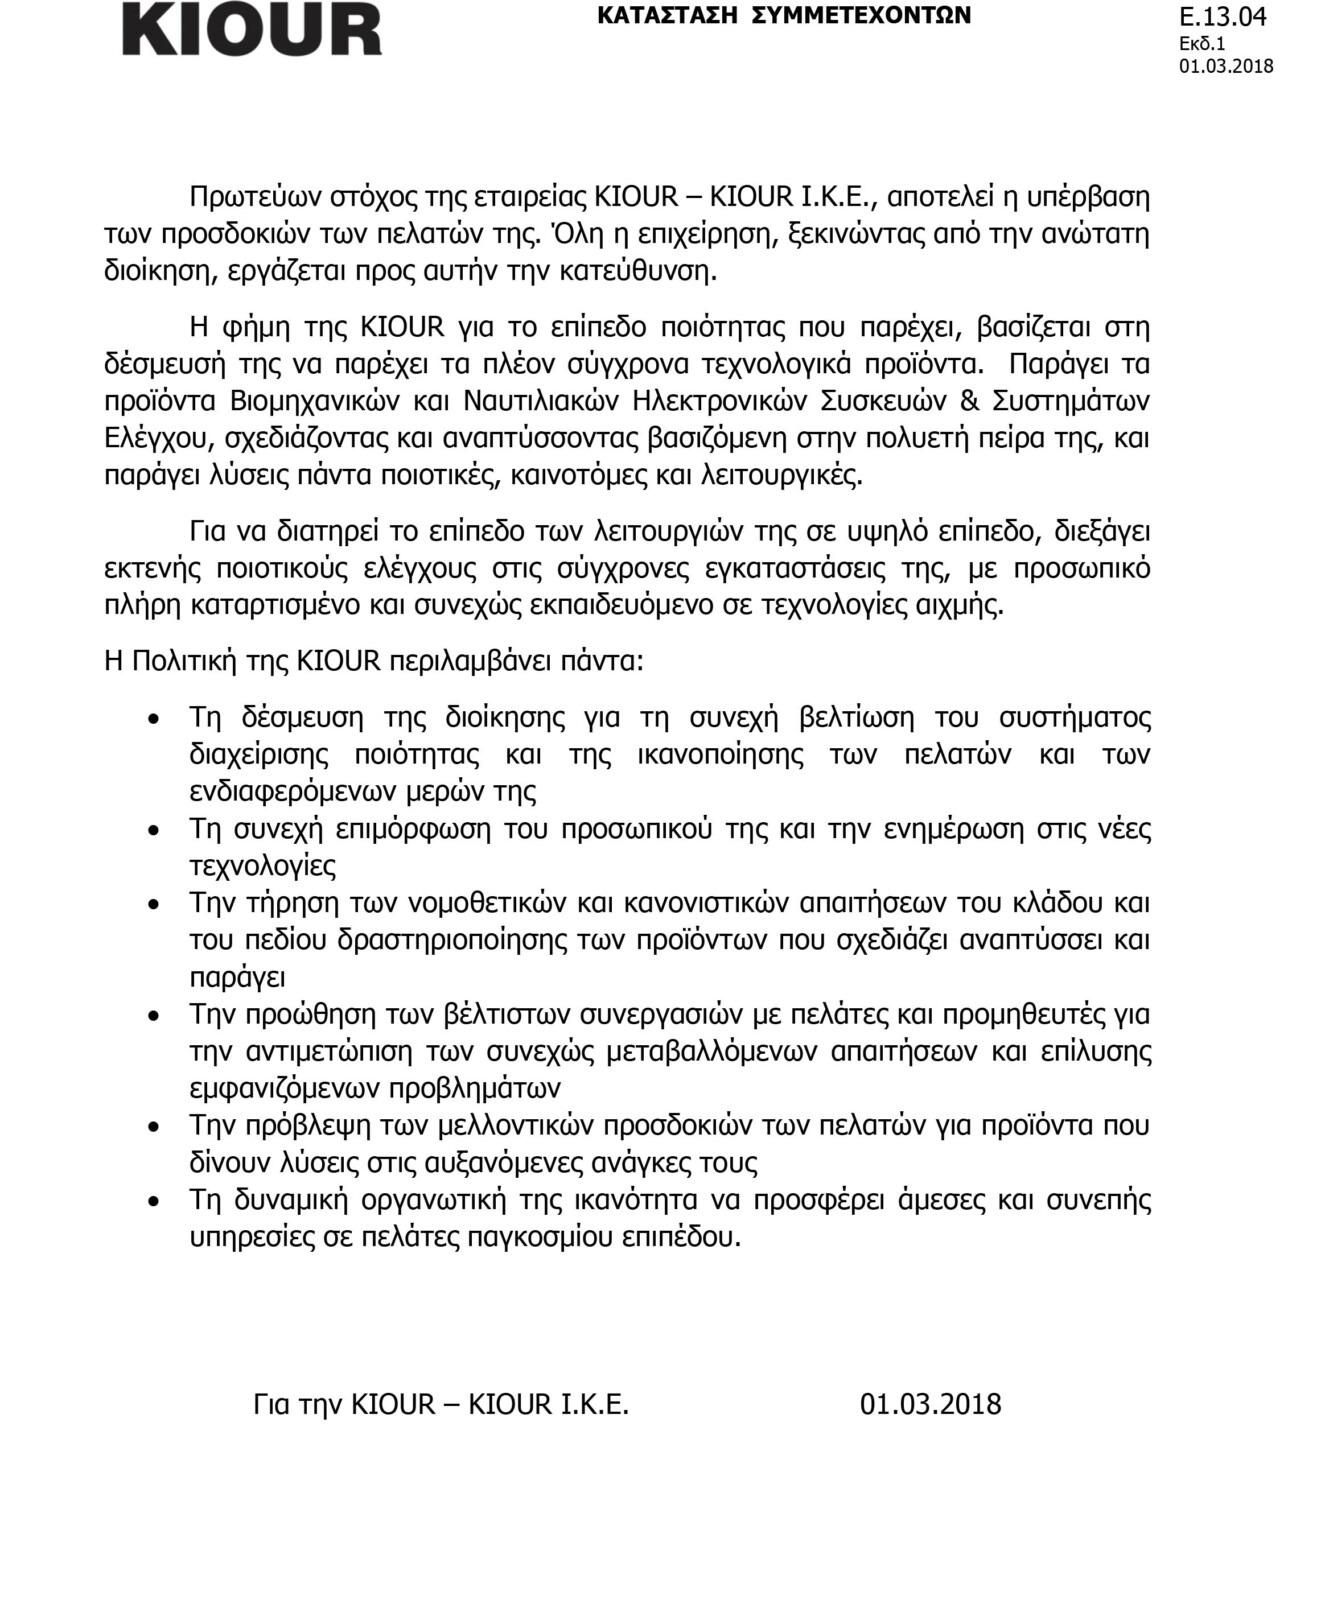 ISO E.13.04_Politiki.Poiotitas